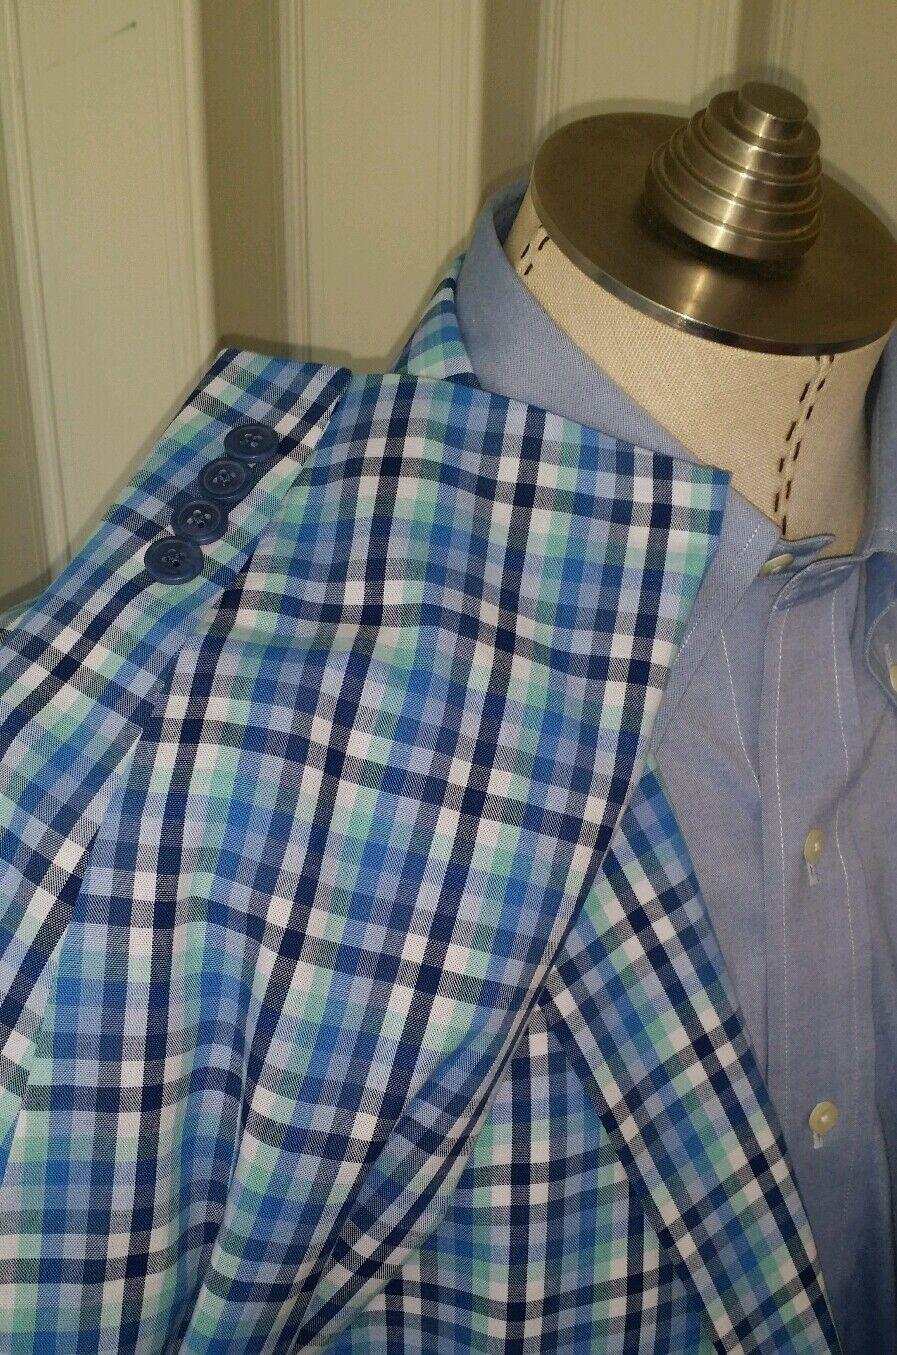 Nwt Neu Herren 48R Blau Grün Gingham Kariert Blazer Sakko 100% Cotton Kariert   | Toy Story  | Günstige Bestellung  | Schön und charmant